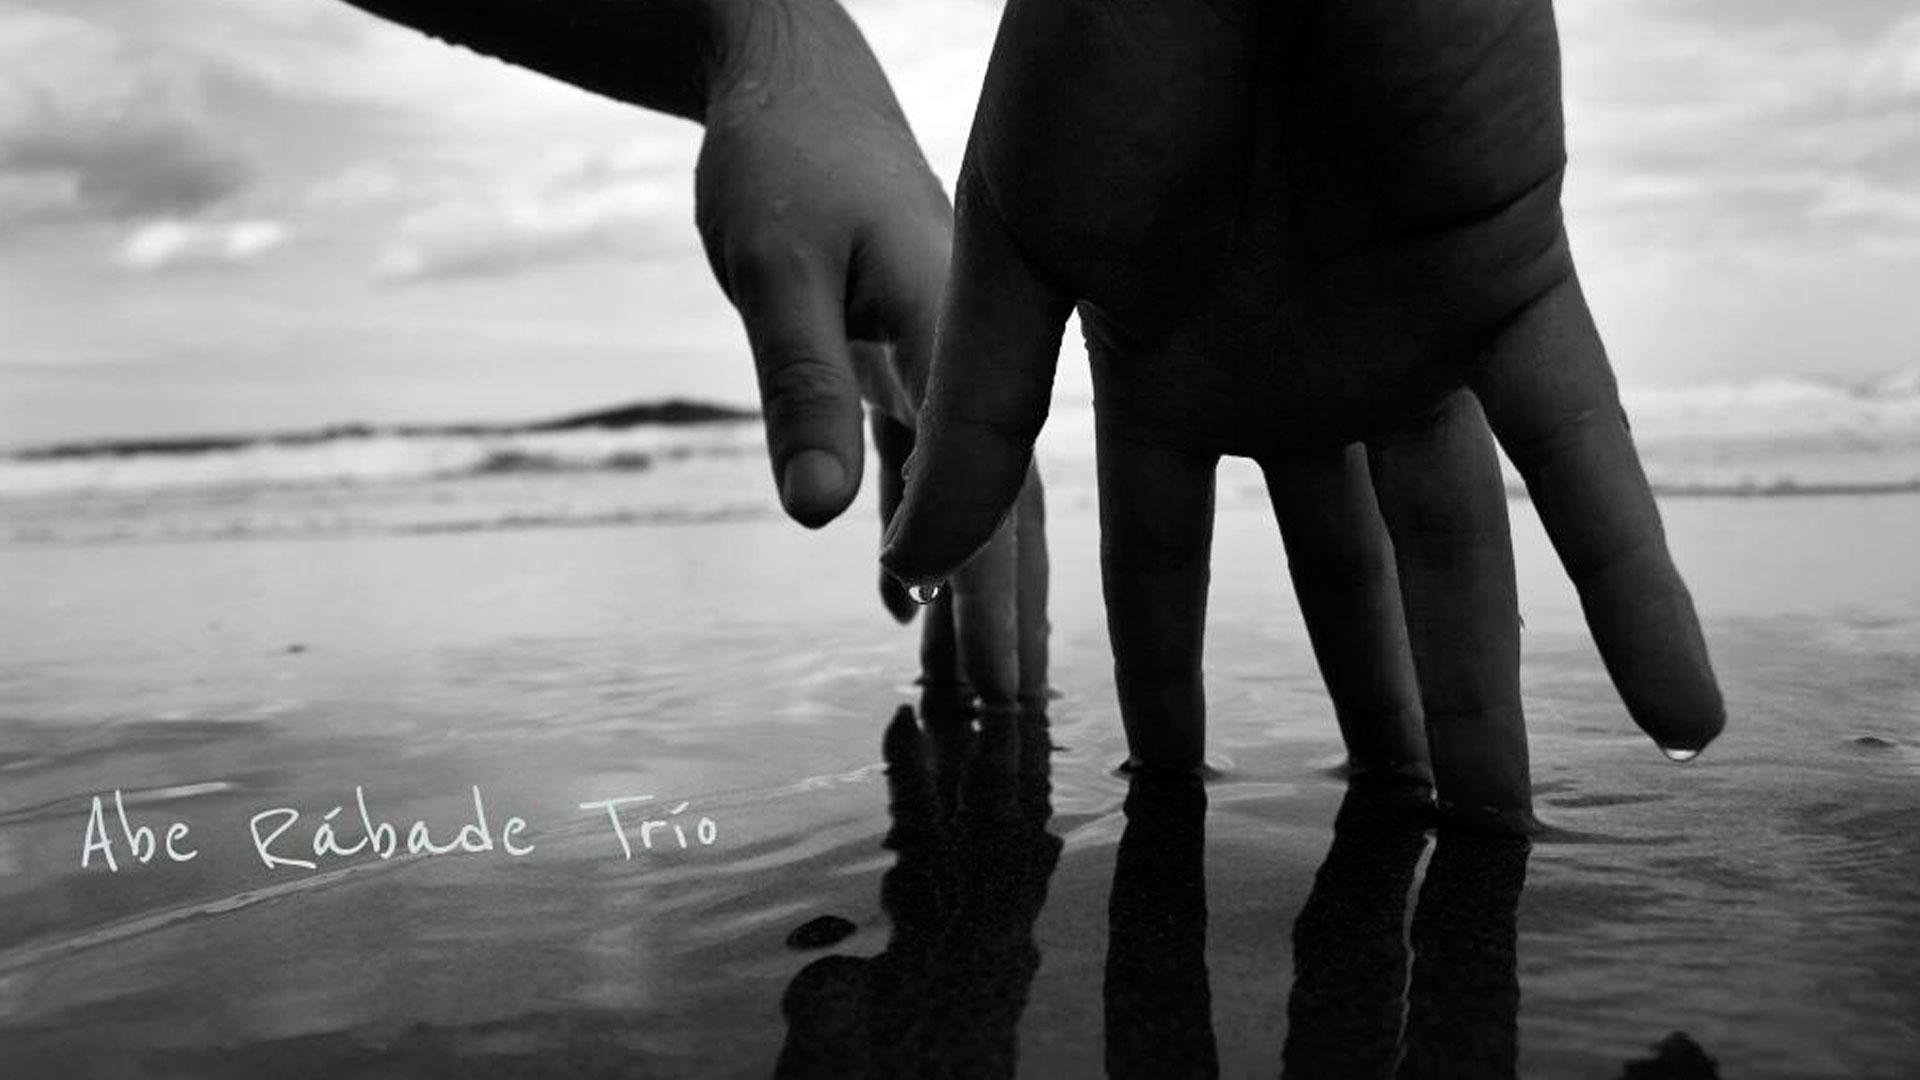 El Abe Rábade Trío presenta en Jazzatlantica su disco A modo